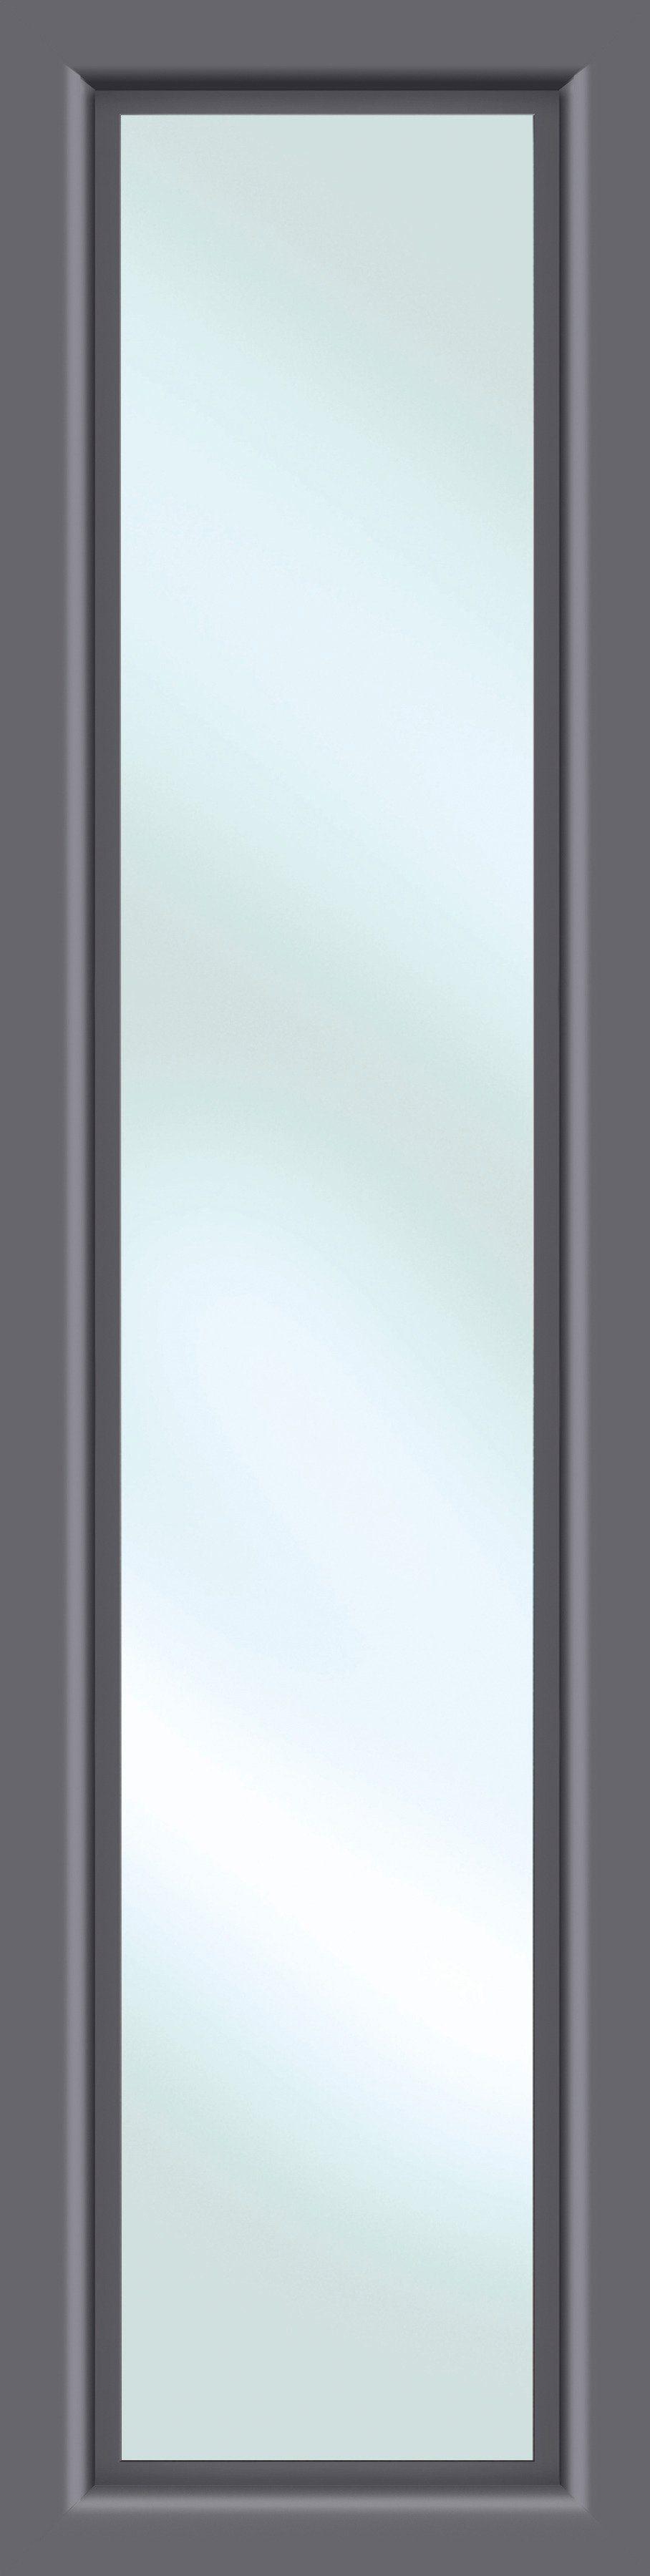 KM MEETH ZAUN GMBH Seitenteile »S01«, für Alu-Haustür, BxH: 50x208 cm, anthrazit